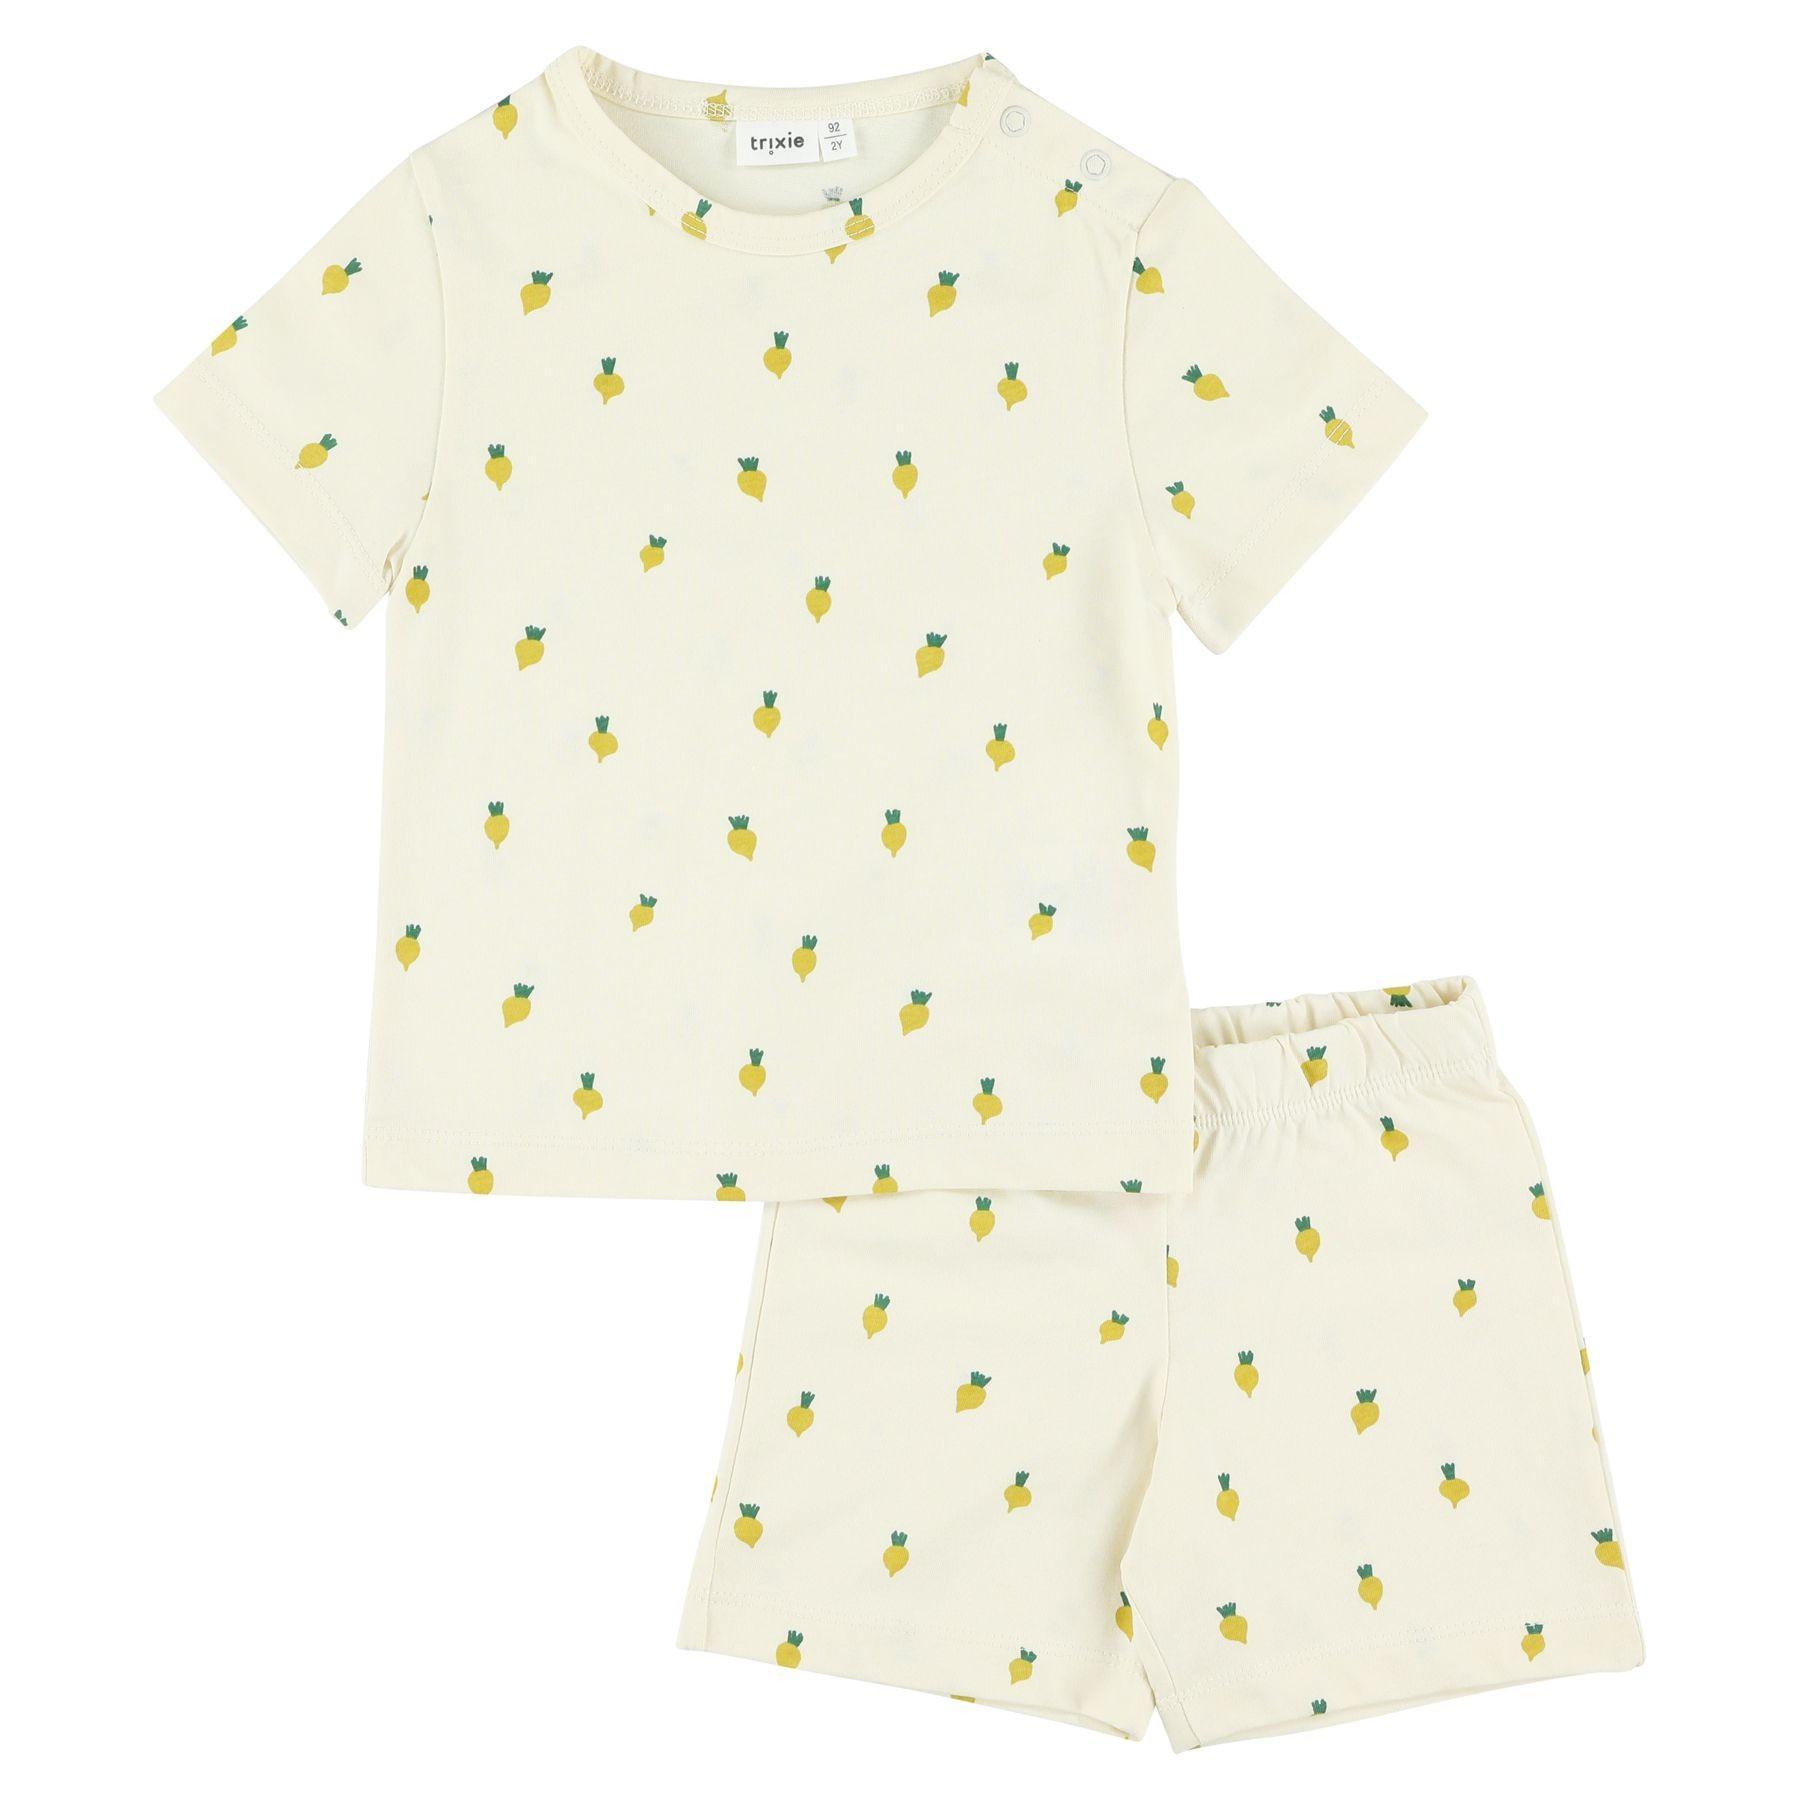 Trixie - 2-delige pyjama kort - Tiny Turnip - 4Y